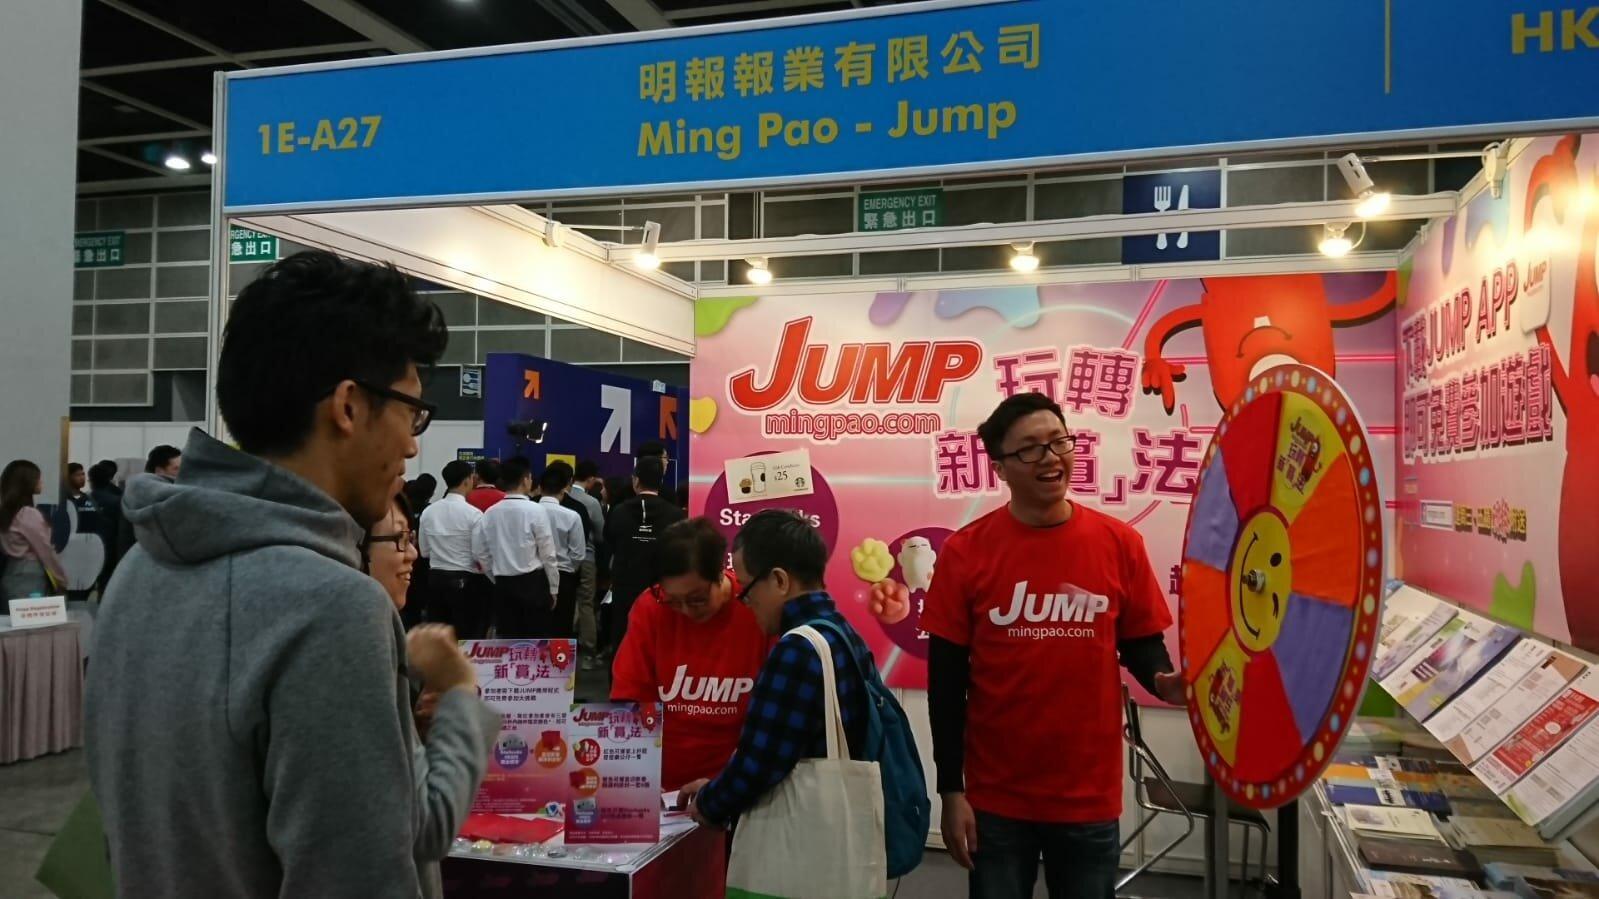 一連四日的「教育及職業博覽」,記得入場了解行業及進修資訊,JUMP 攤位見!